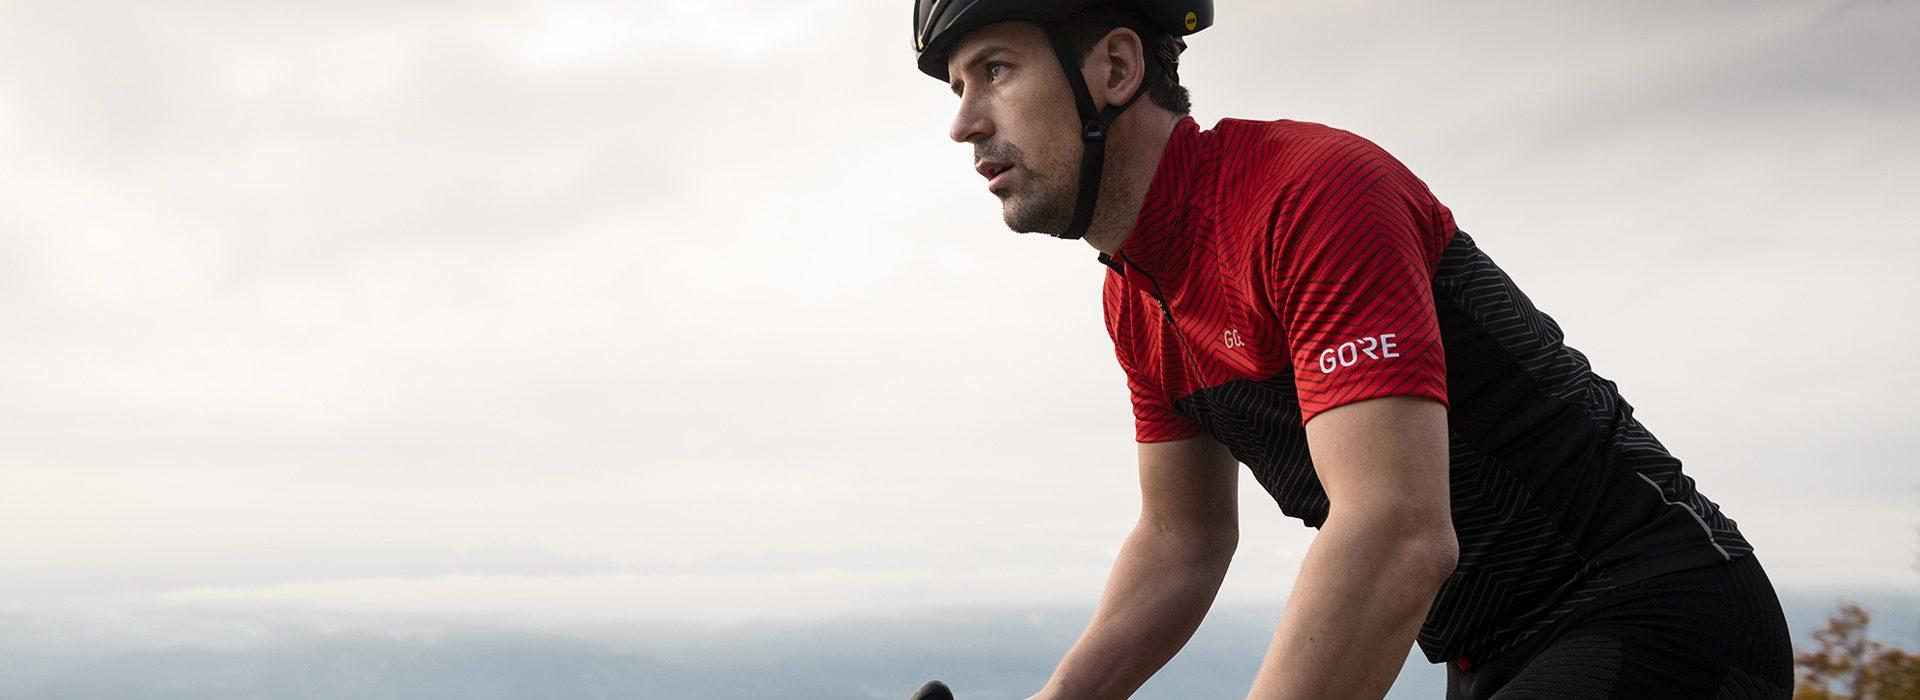 Das E-Rennrad. Auch eine Option für Dich? - rennrad-news, allgemein